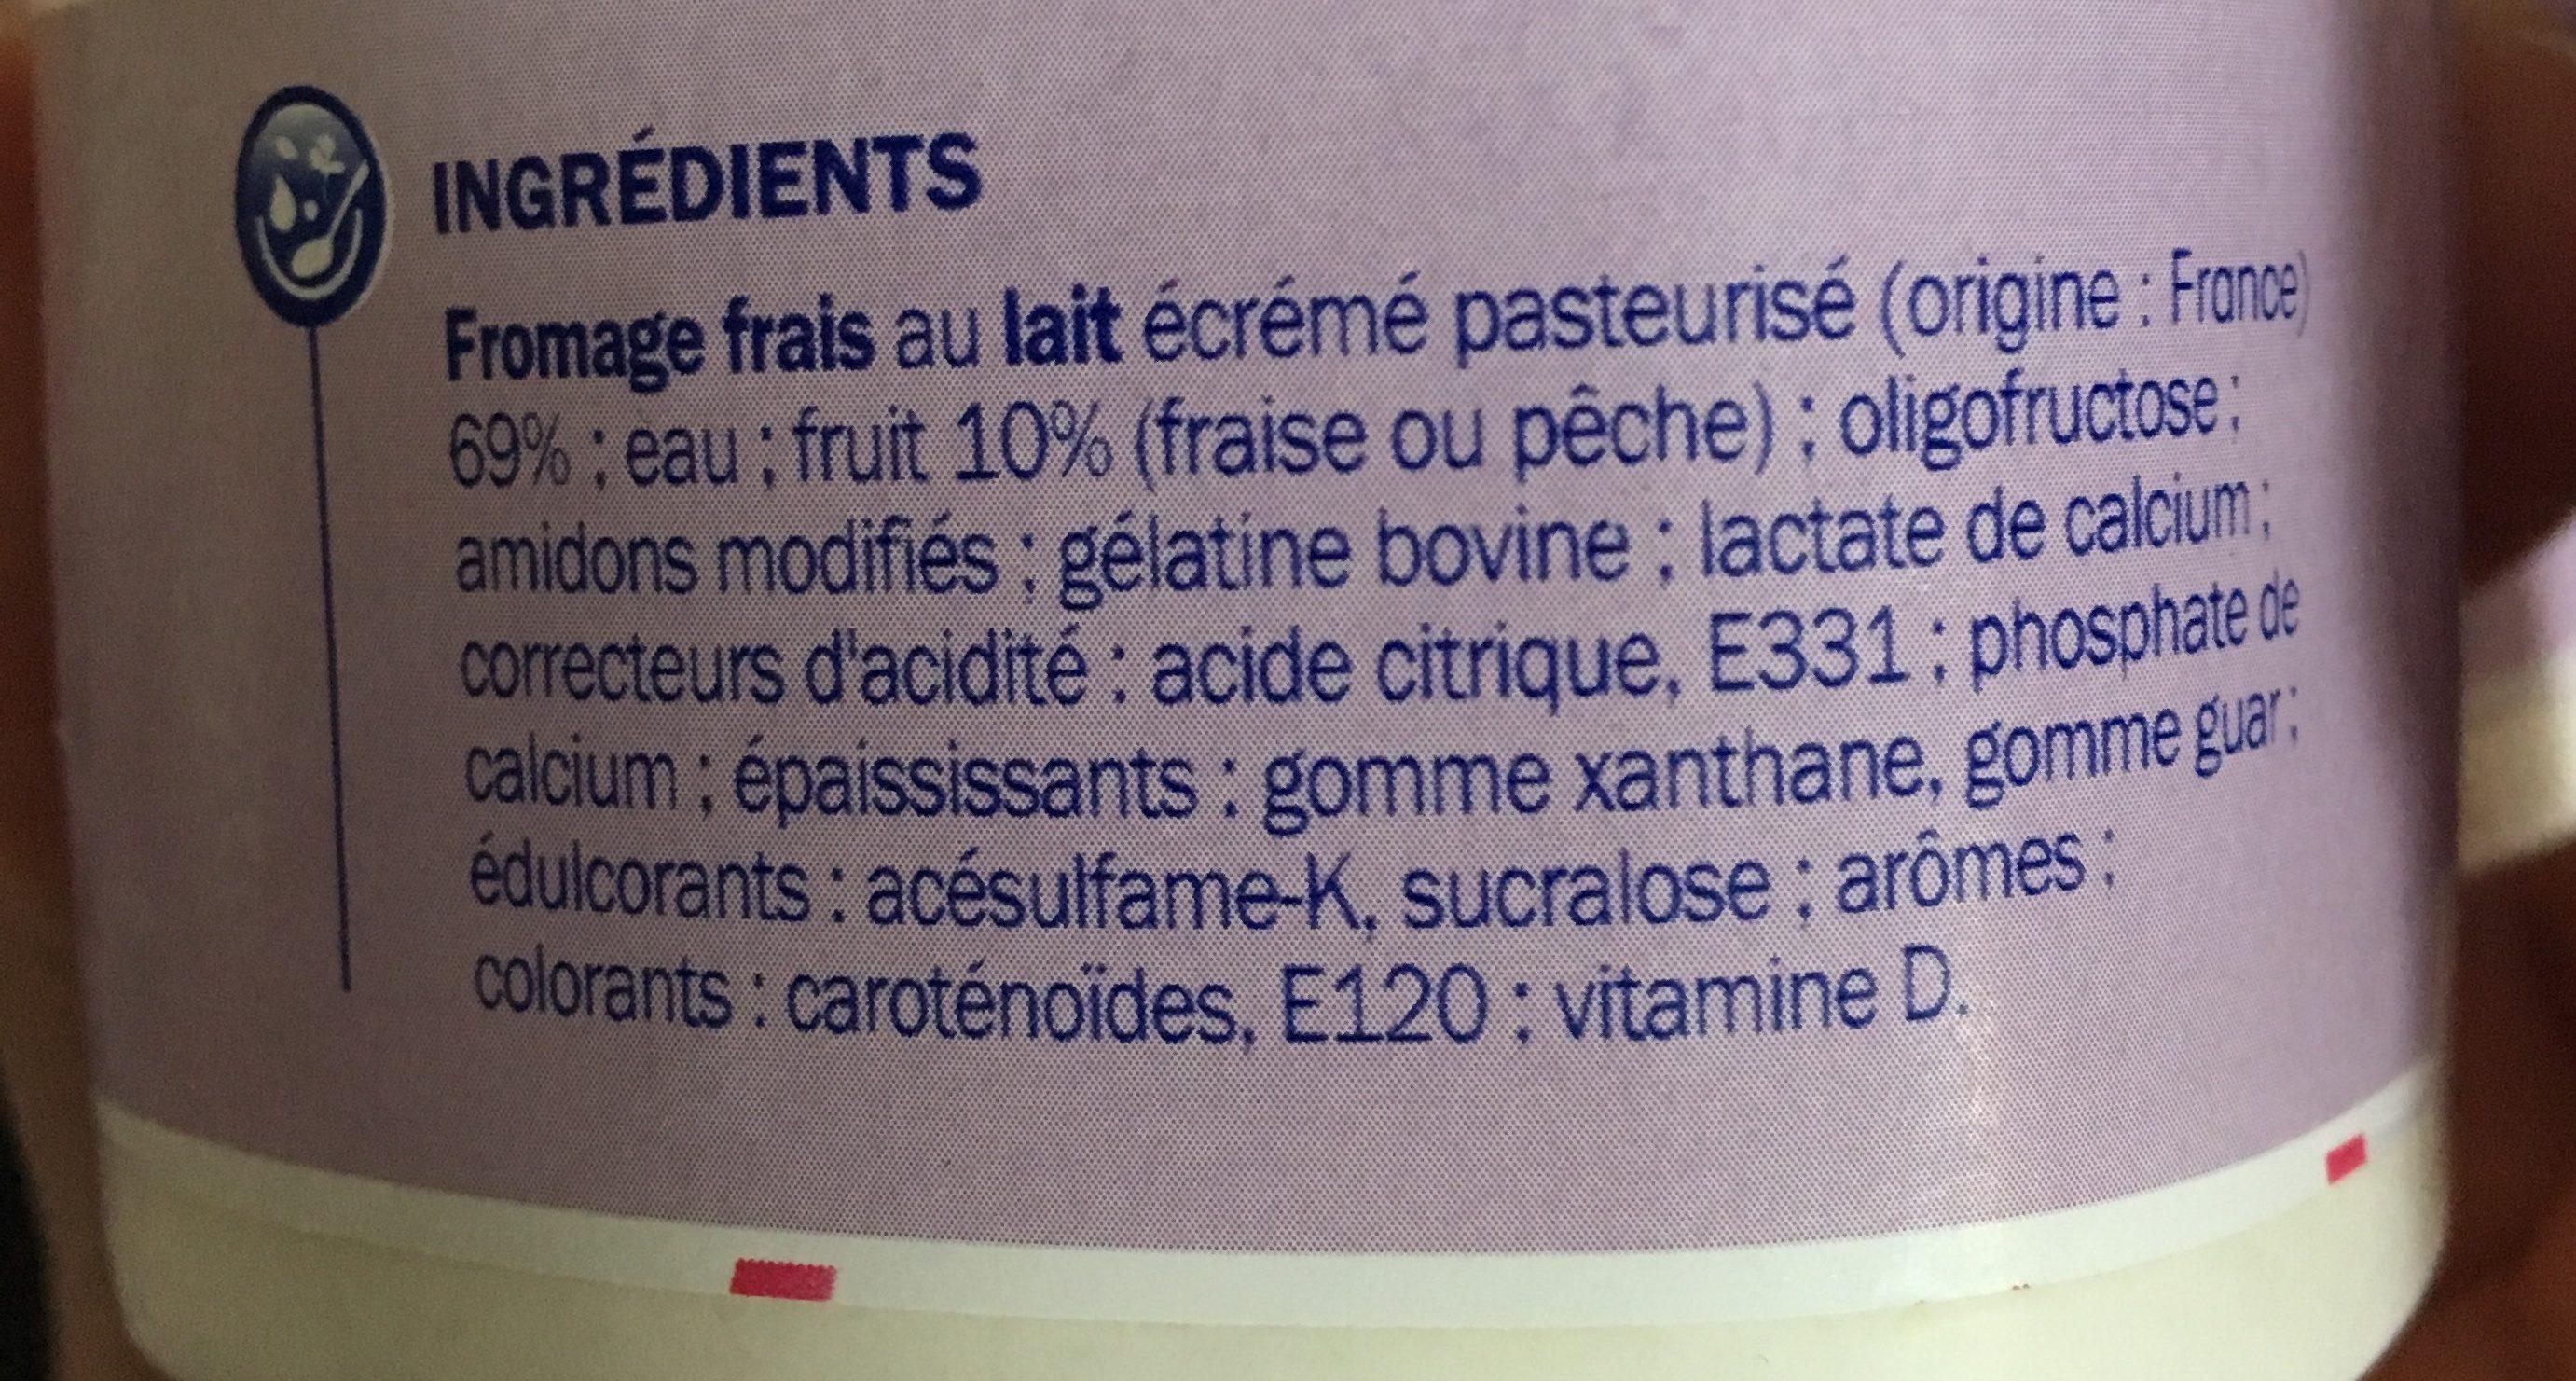 Mousse de fromage frais sur lit de fruits 0% - Ingredients - fr